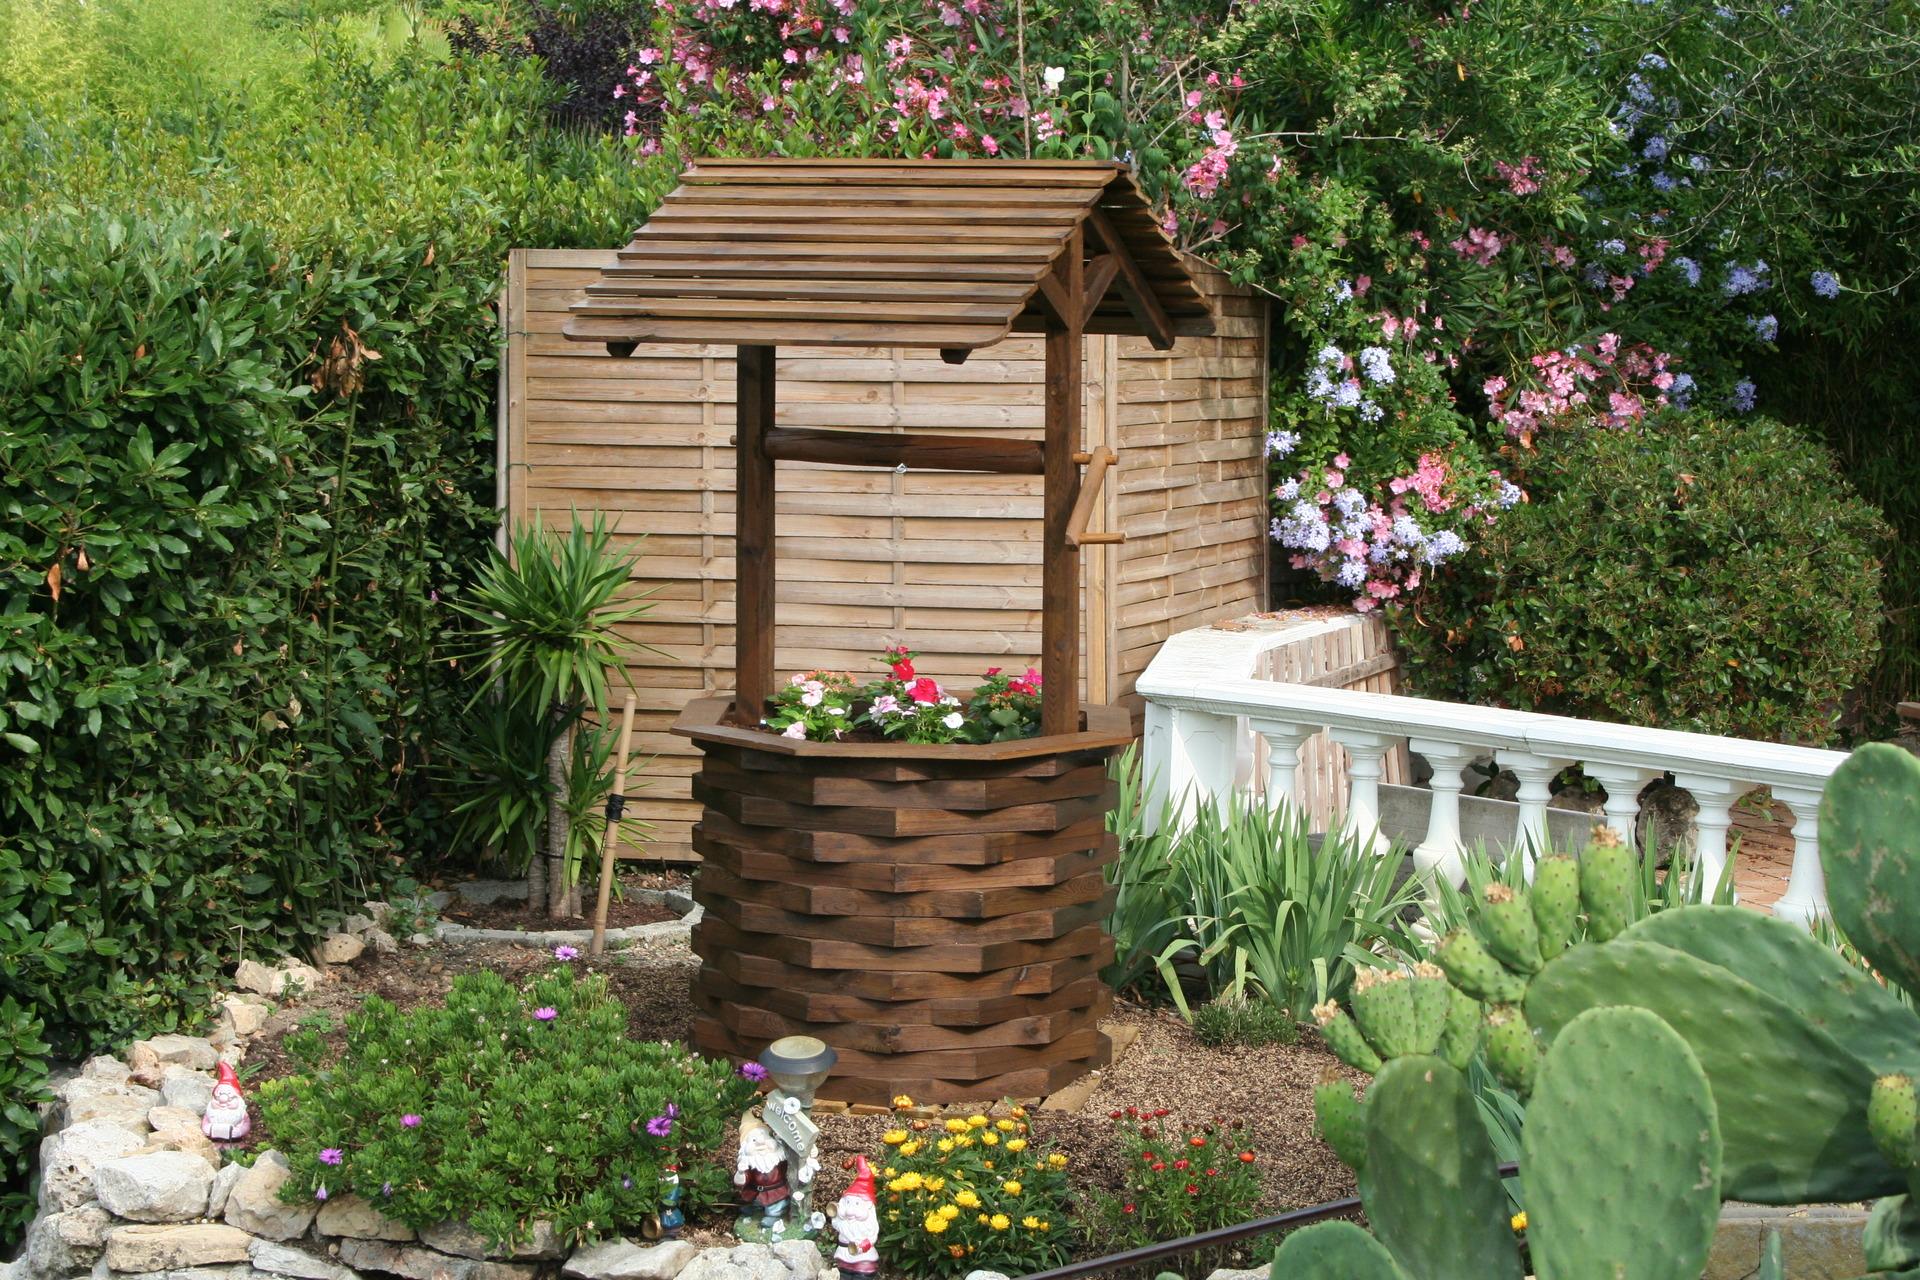 Puits de decoration exterieur mc immo - Decoration de jardin a fabriquer ...